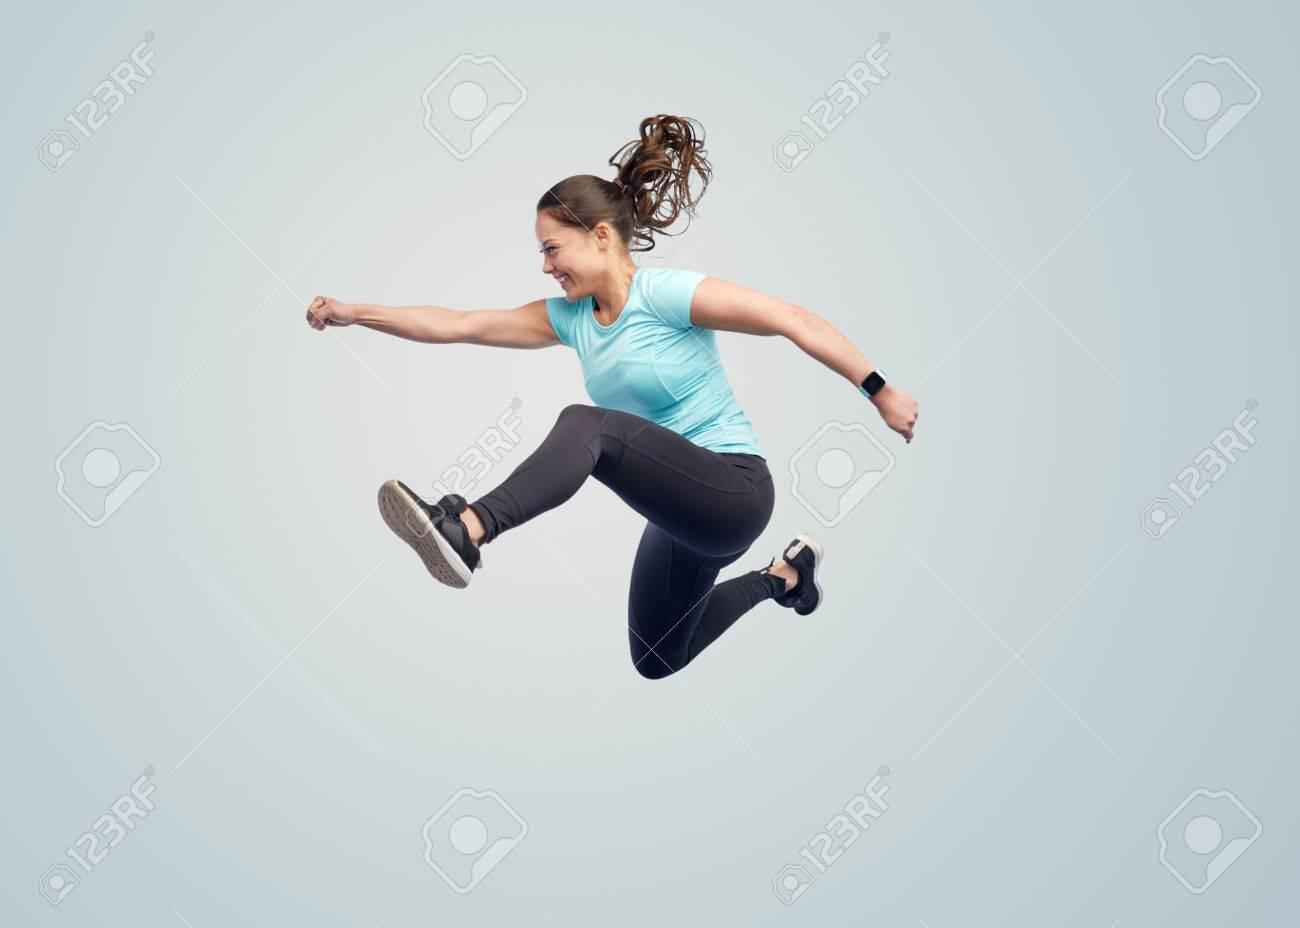 Sport, Fitness, Bewegung und Menschen Konzept - glückliche junge Frau lächelnd in Luft über blauen Hintergrund springen Standard-Bild - 72277645